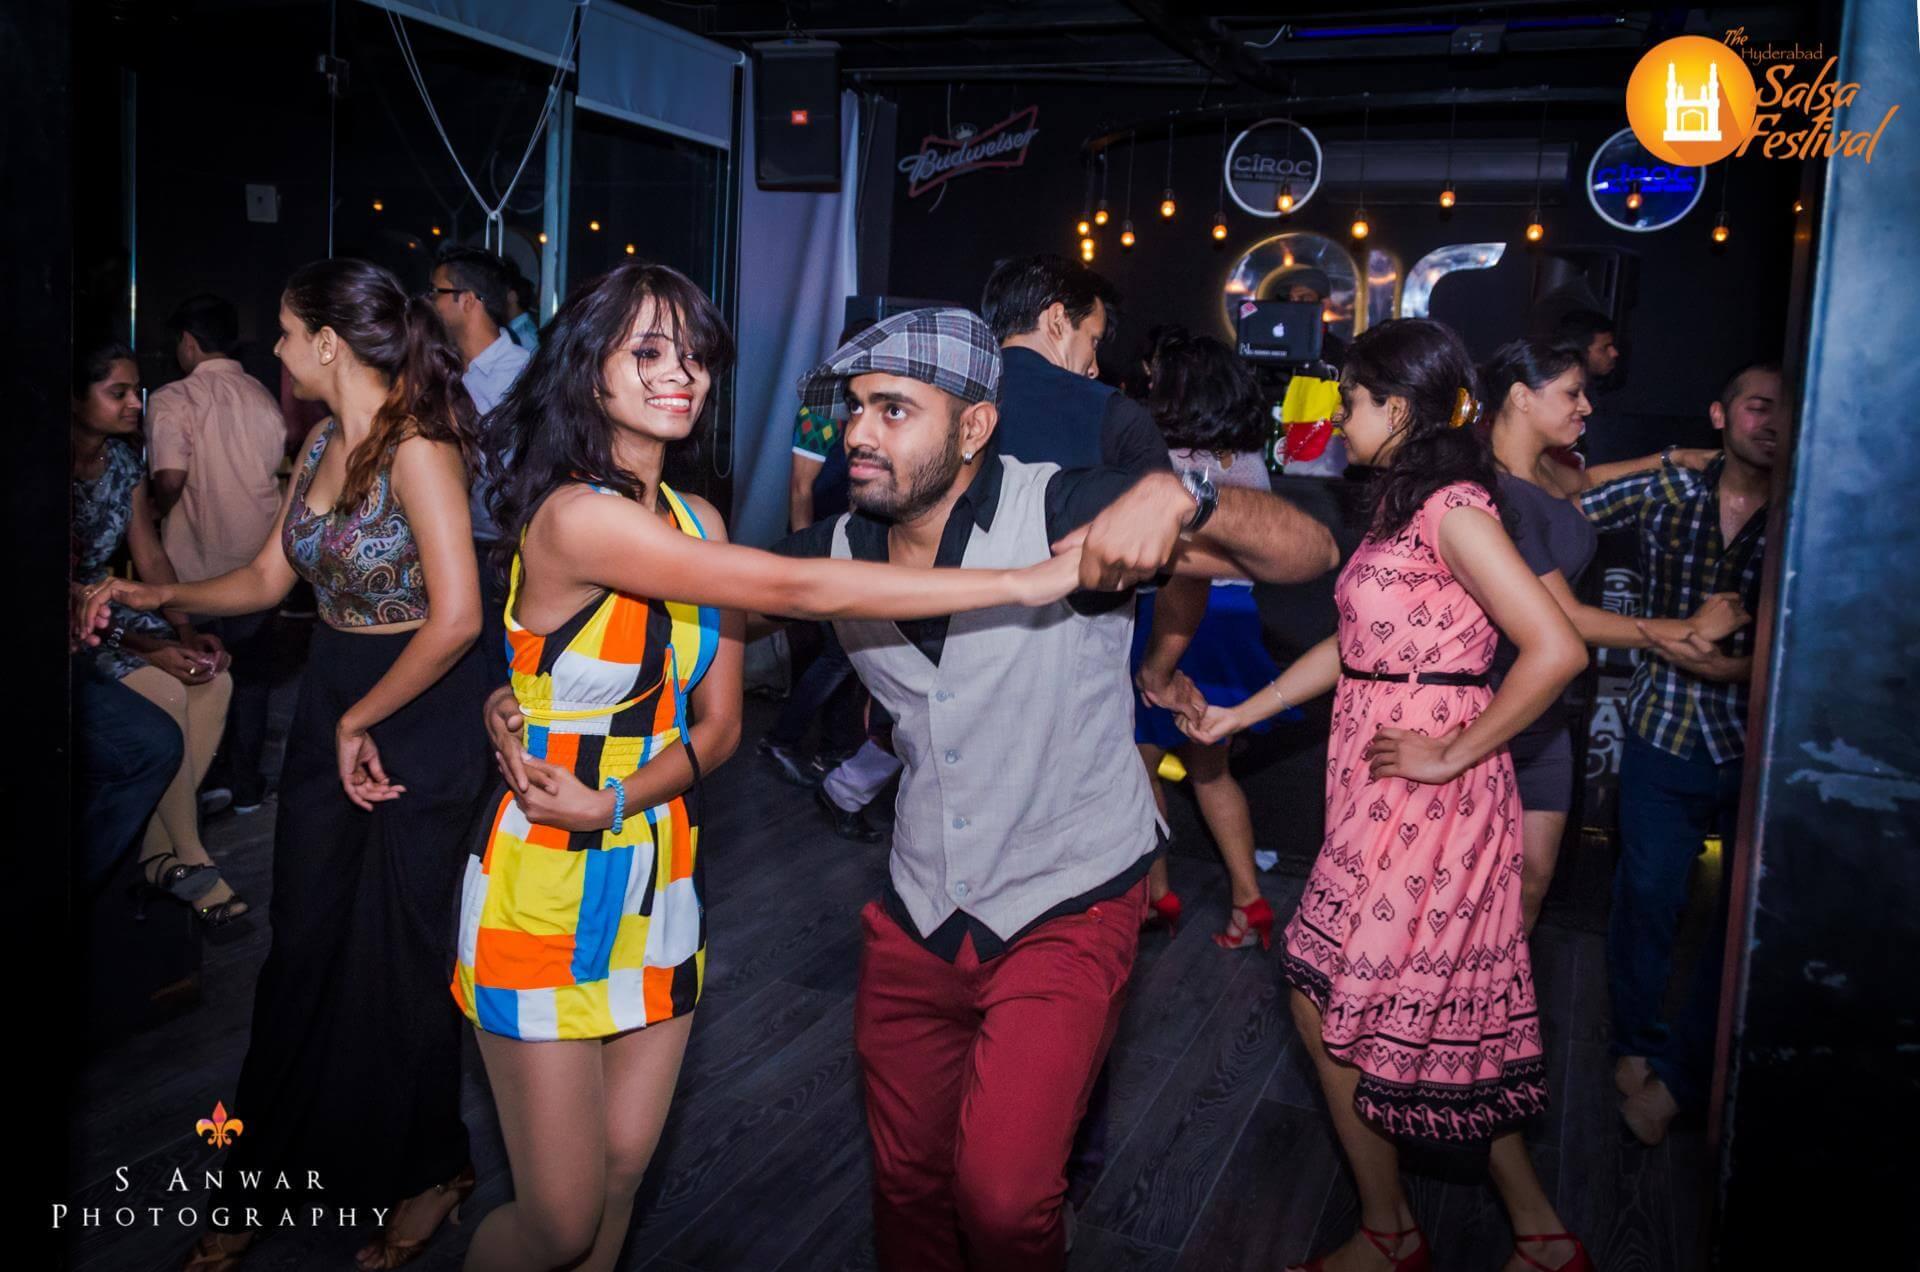 Social dancing Etiquette